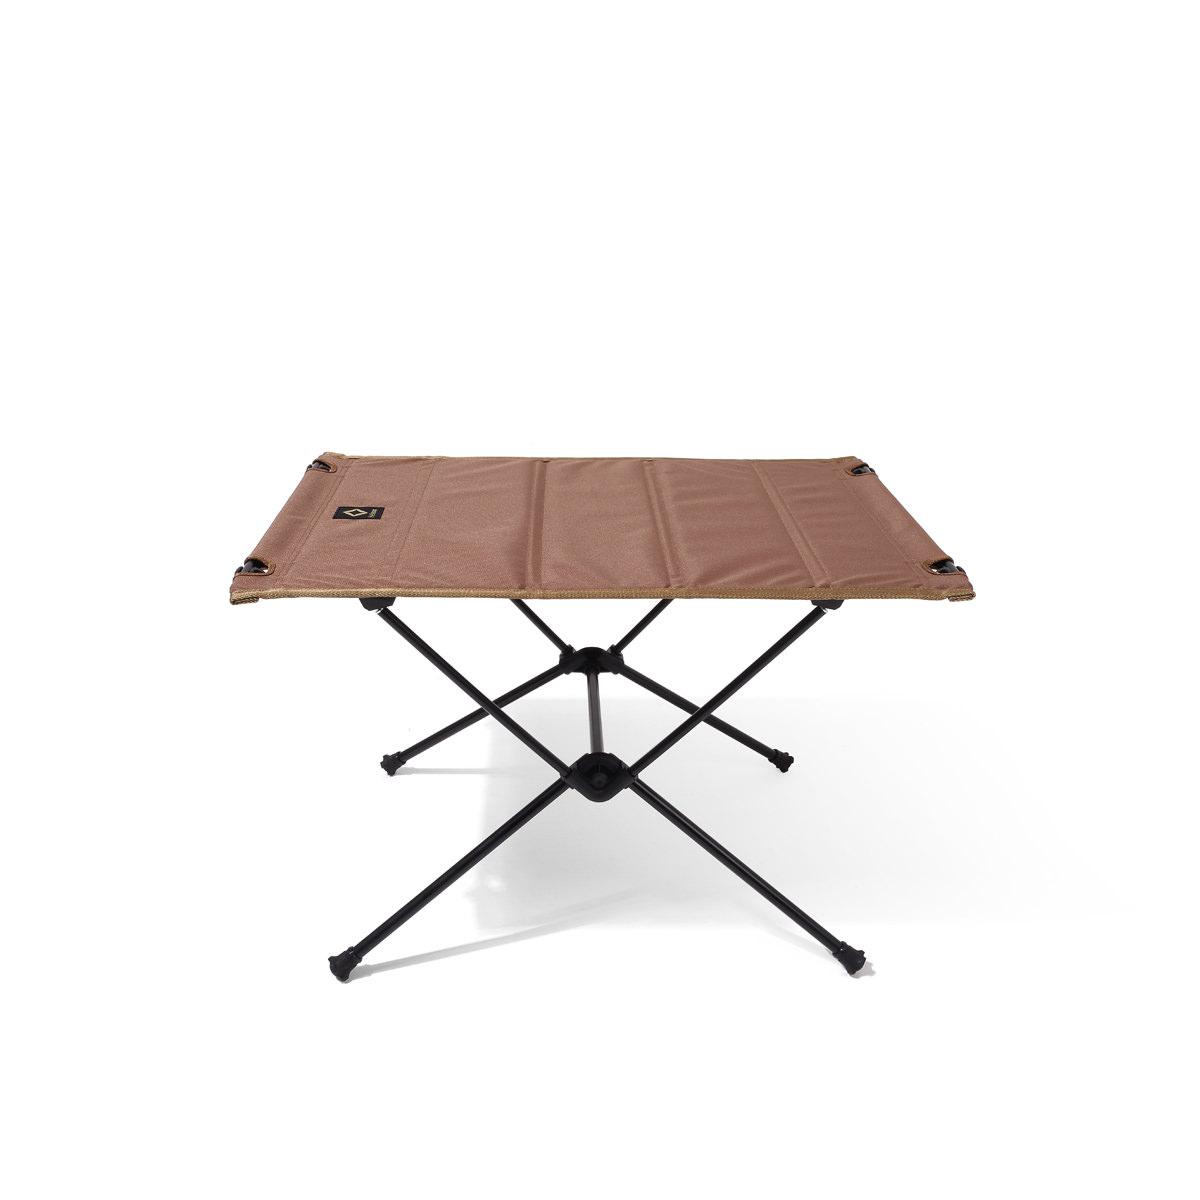 タクティカル テーブル M / コヨーテ